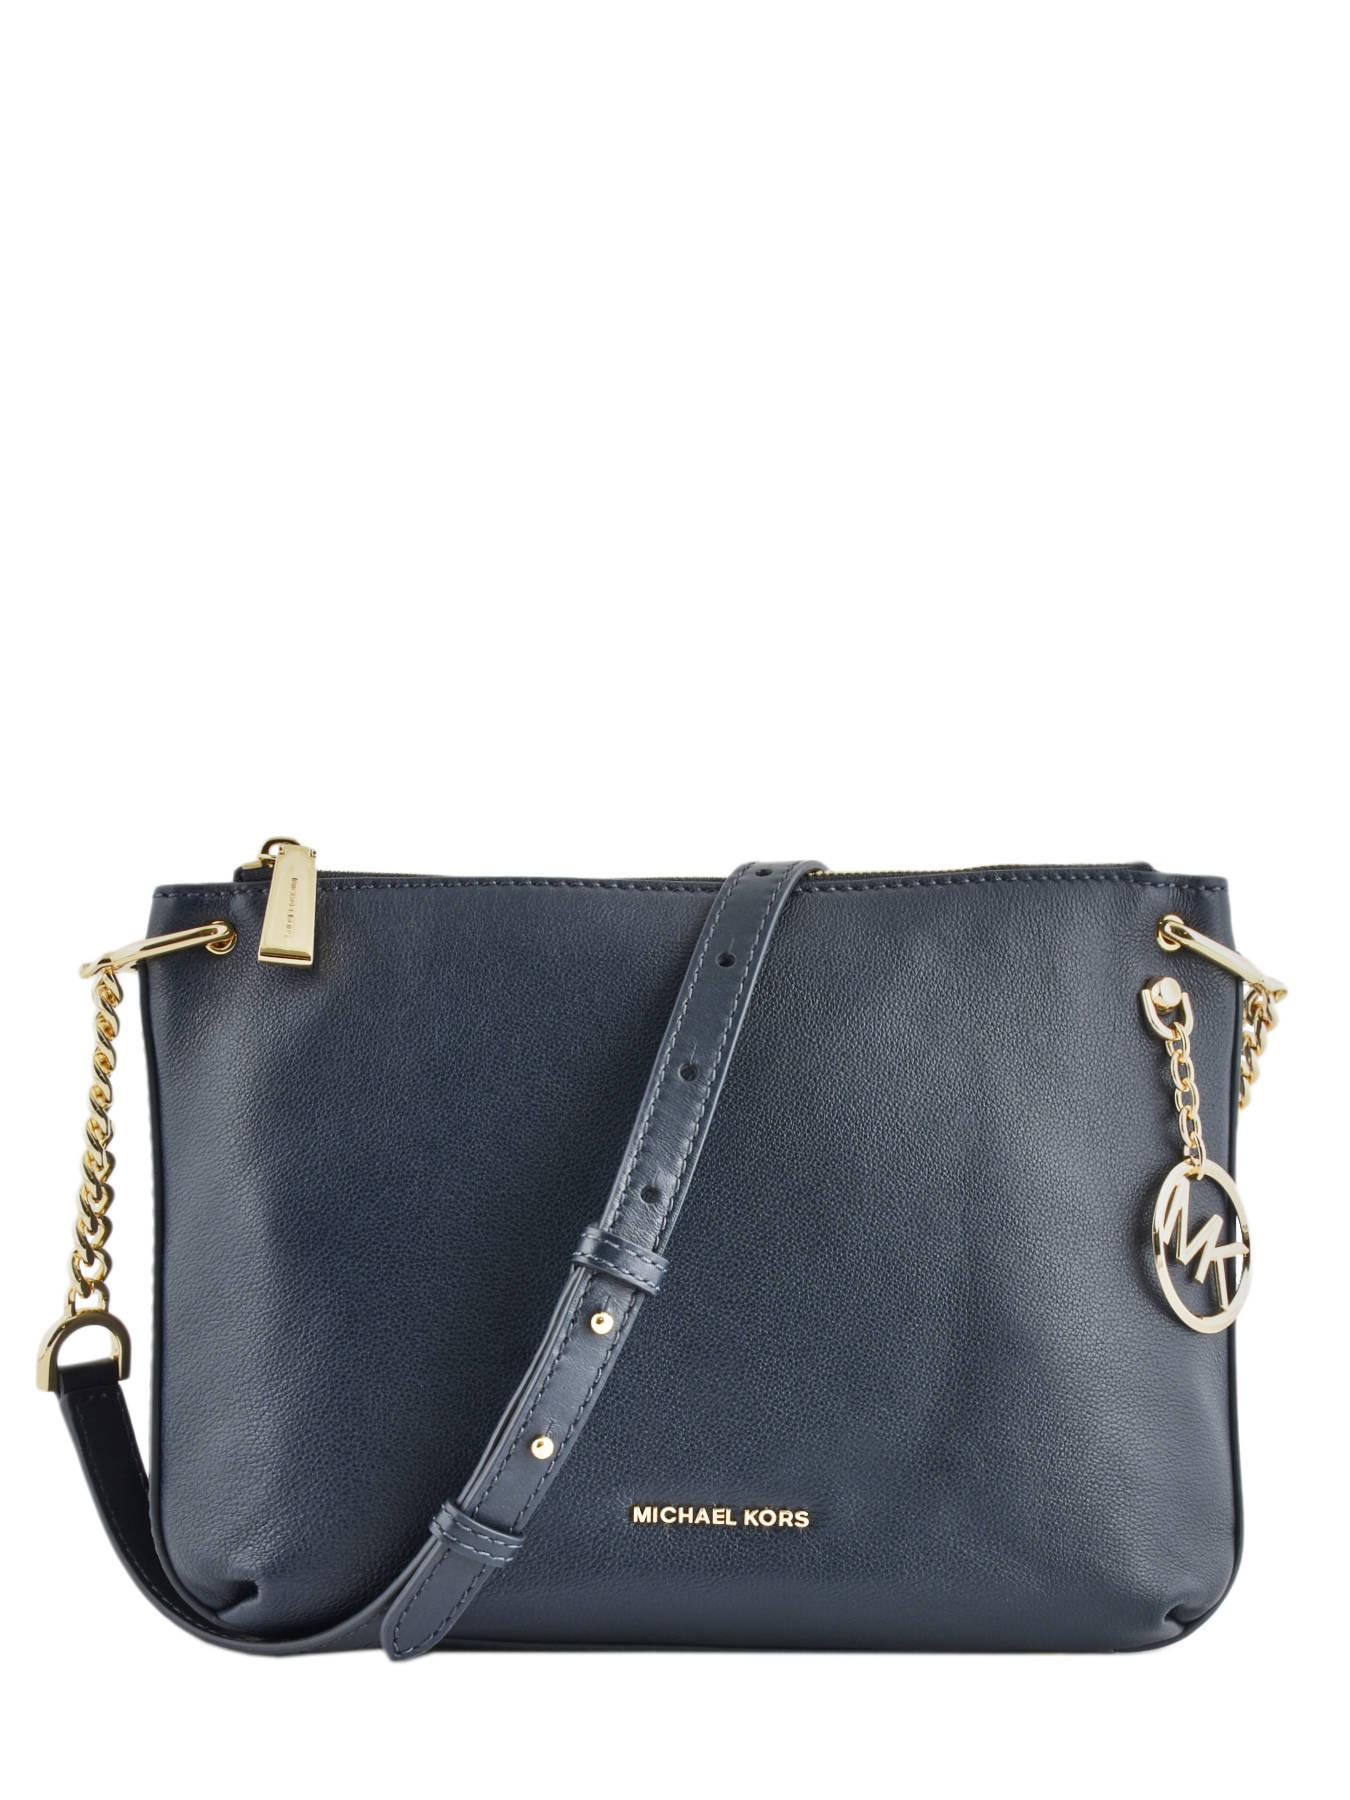 7e759641a6d51 ... Shoulder Bag Lilie Leather Michael kors Blue lilie S9G0LM7L ...